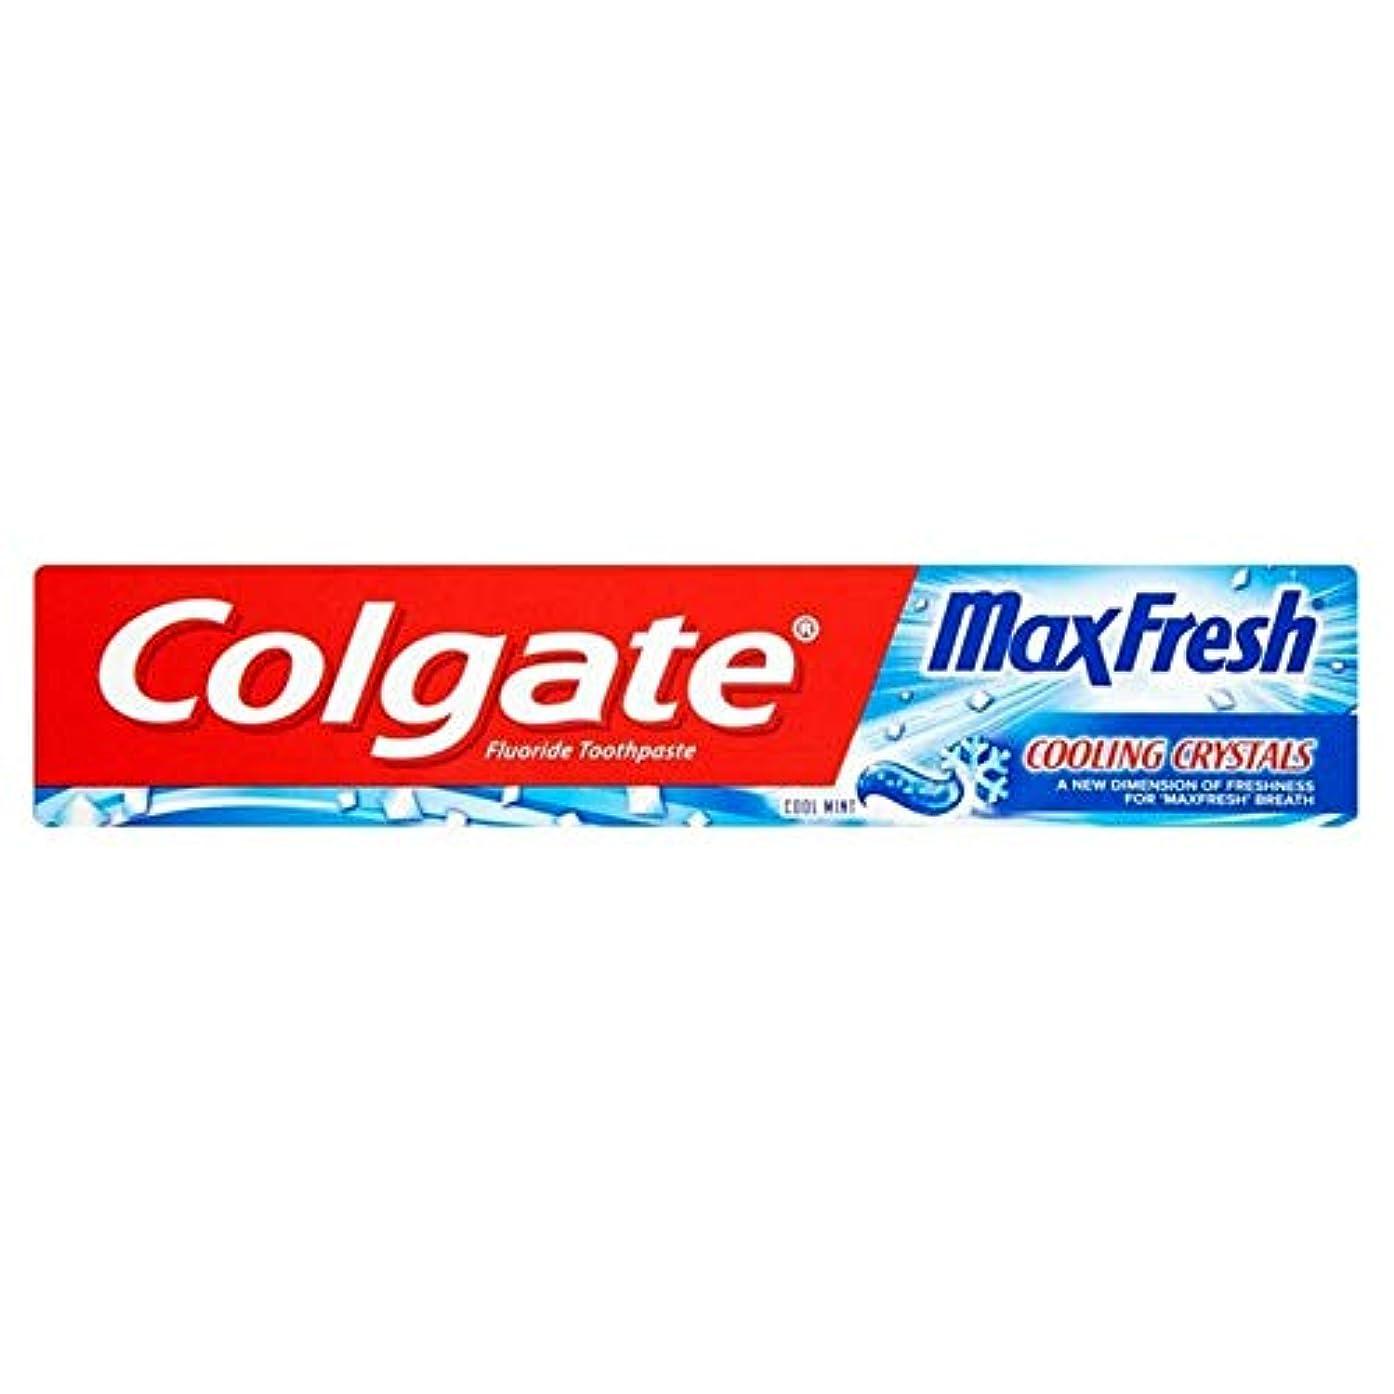 職業リラックスしたエラー[Colgate ] 冷却結晶歯磨き粉75ミリリットル新鮮なコルゲートマックス - Colgate Max Fresh with Cooling Crystals Toothpaste 75ml [並行輸入品]